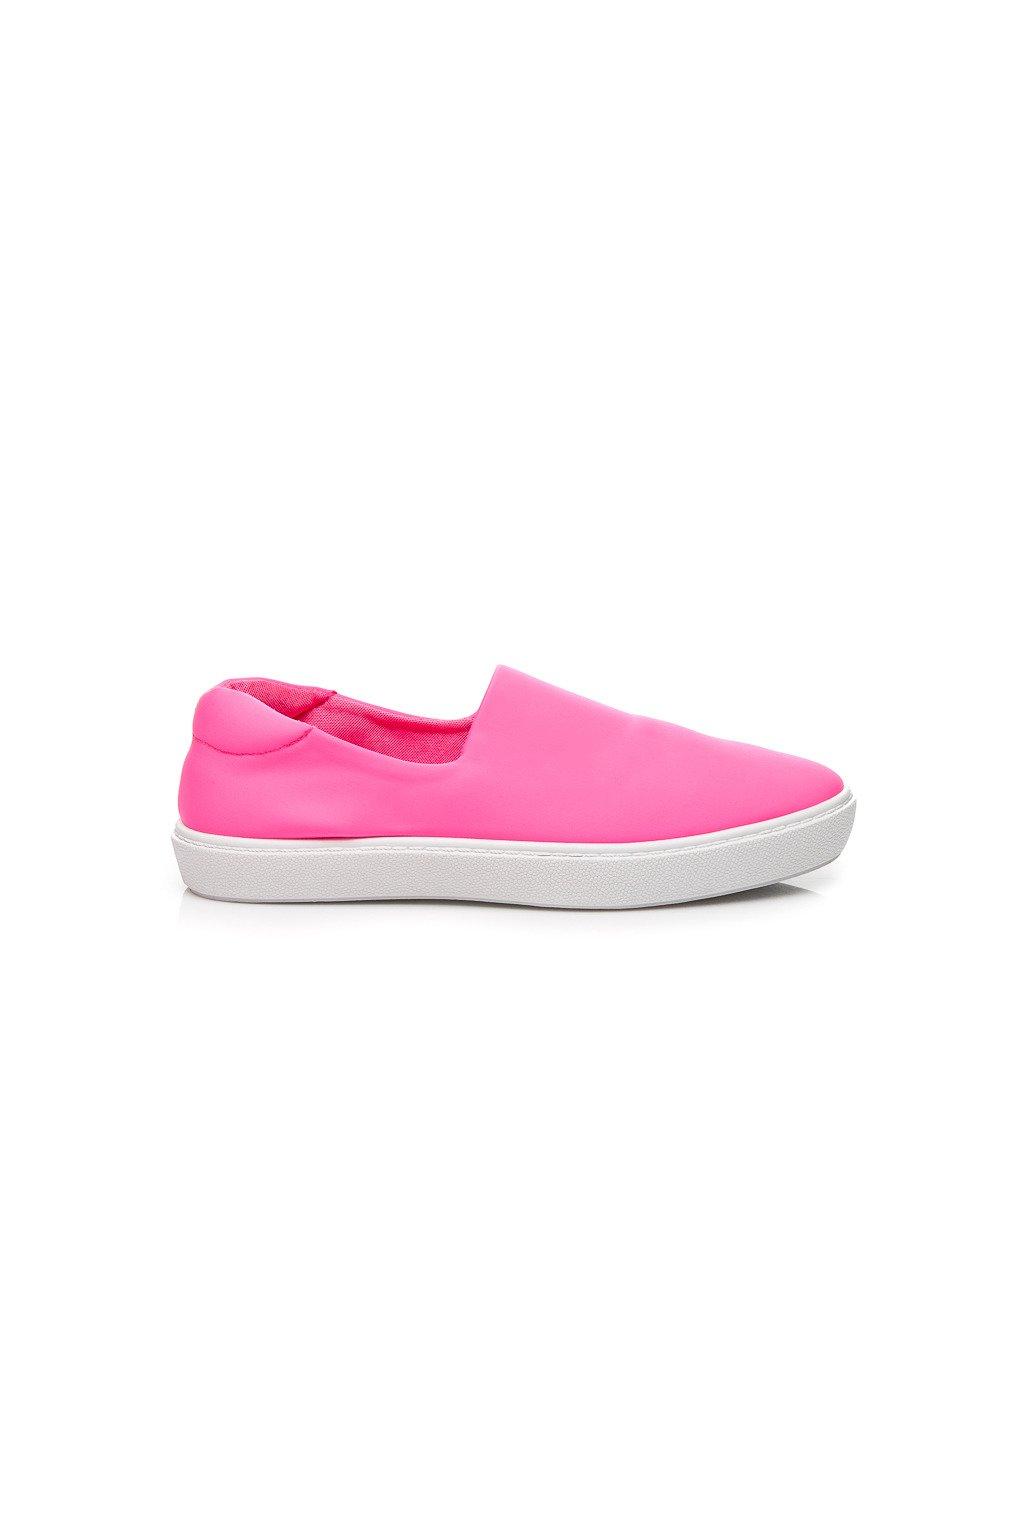 Ružové tenisky Slip on VC01-23F veľ.č. 37, 38, 40 (Veľkosť UK8 / EUR 41)